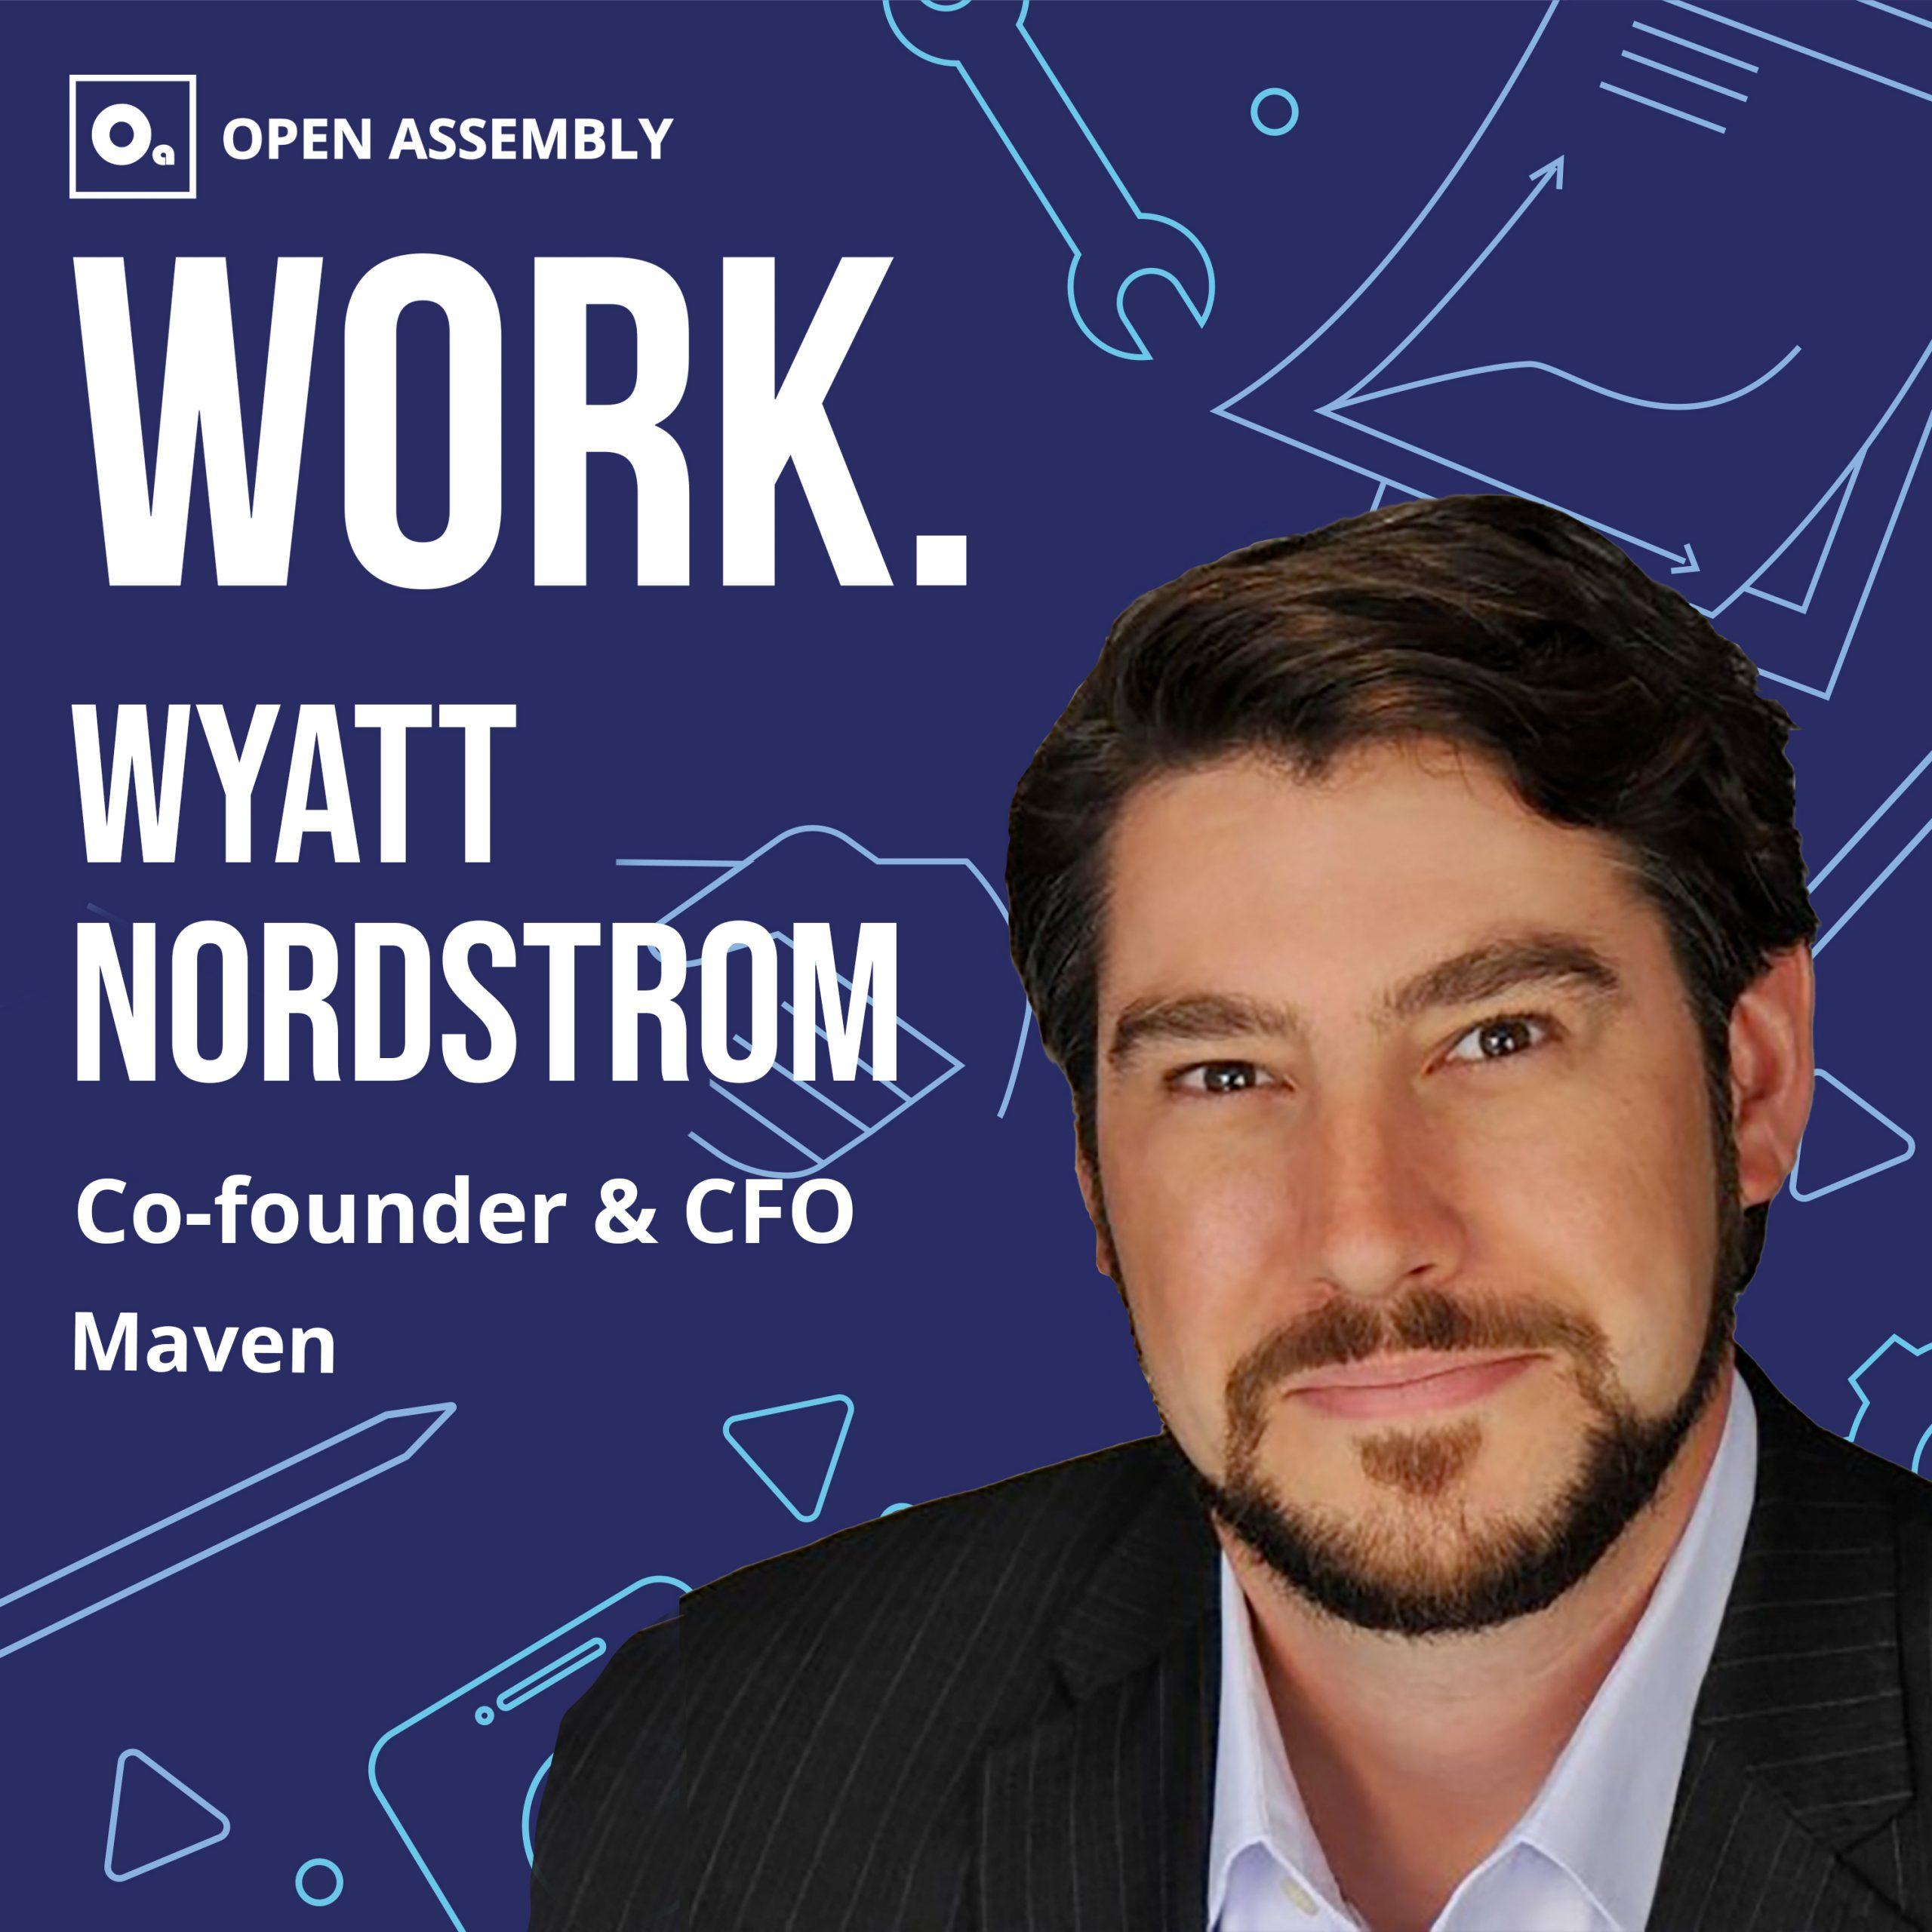 Wyatt Nordstrom Maven